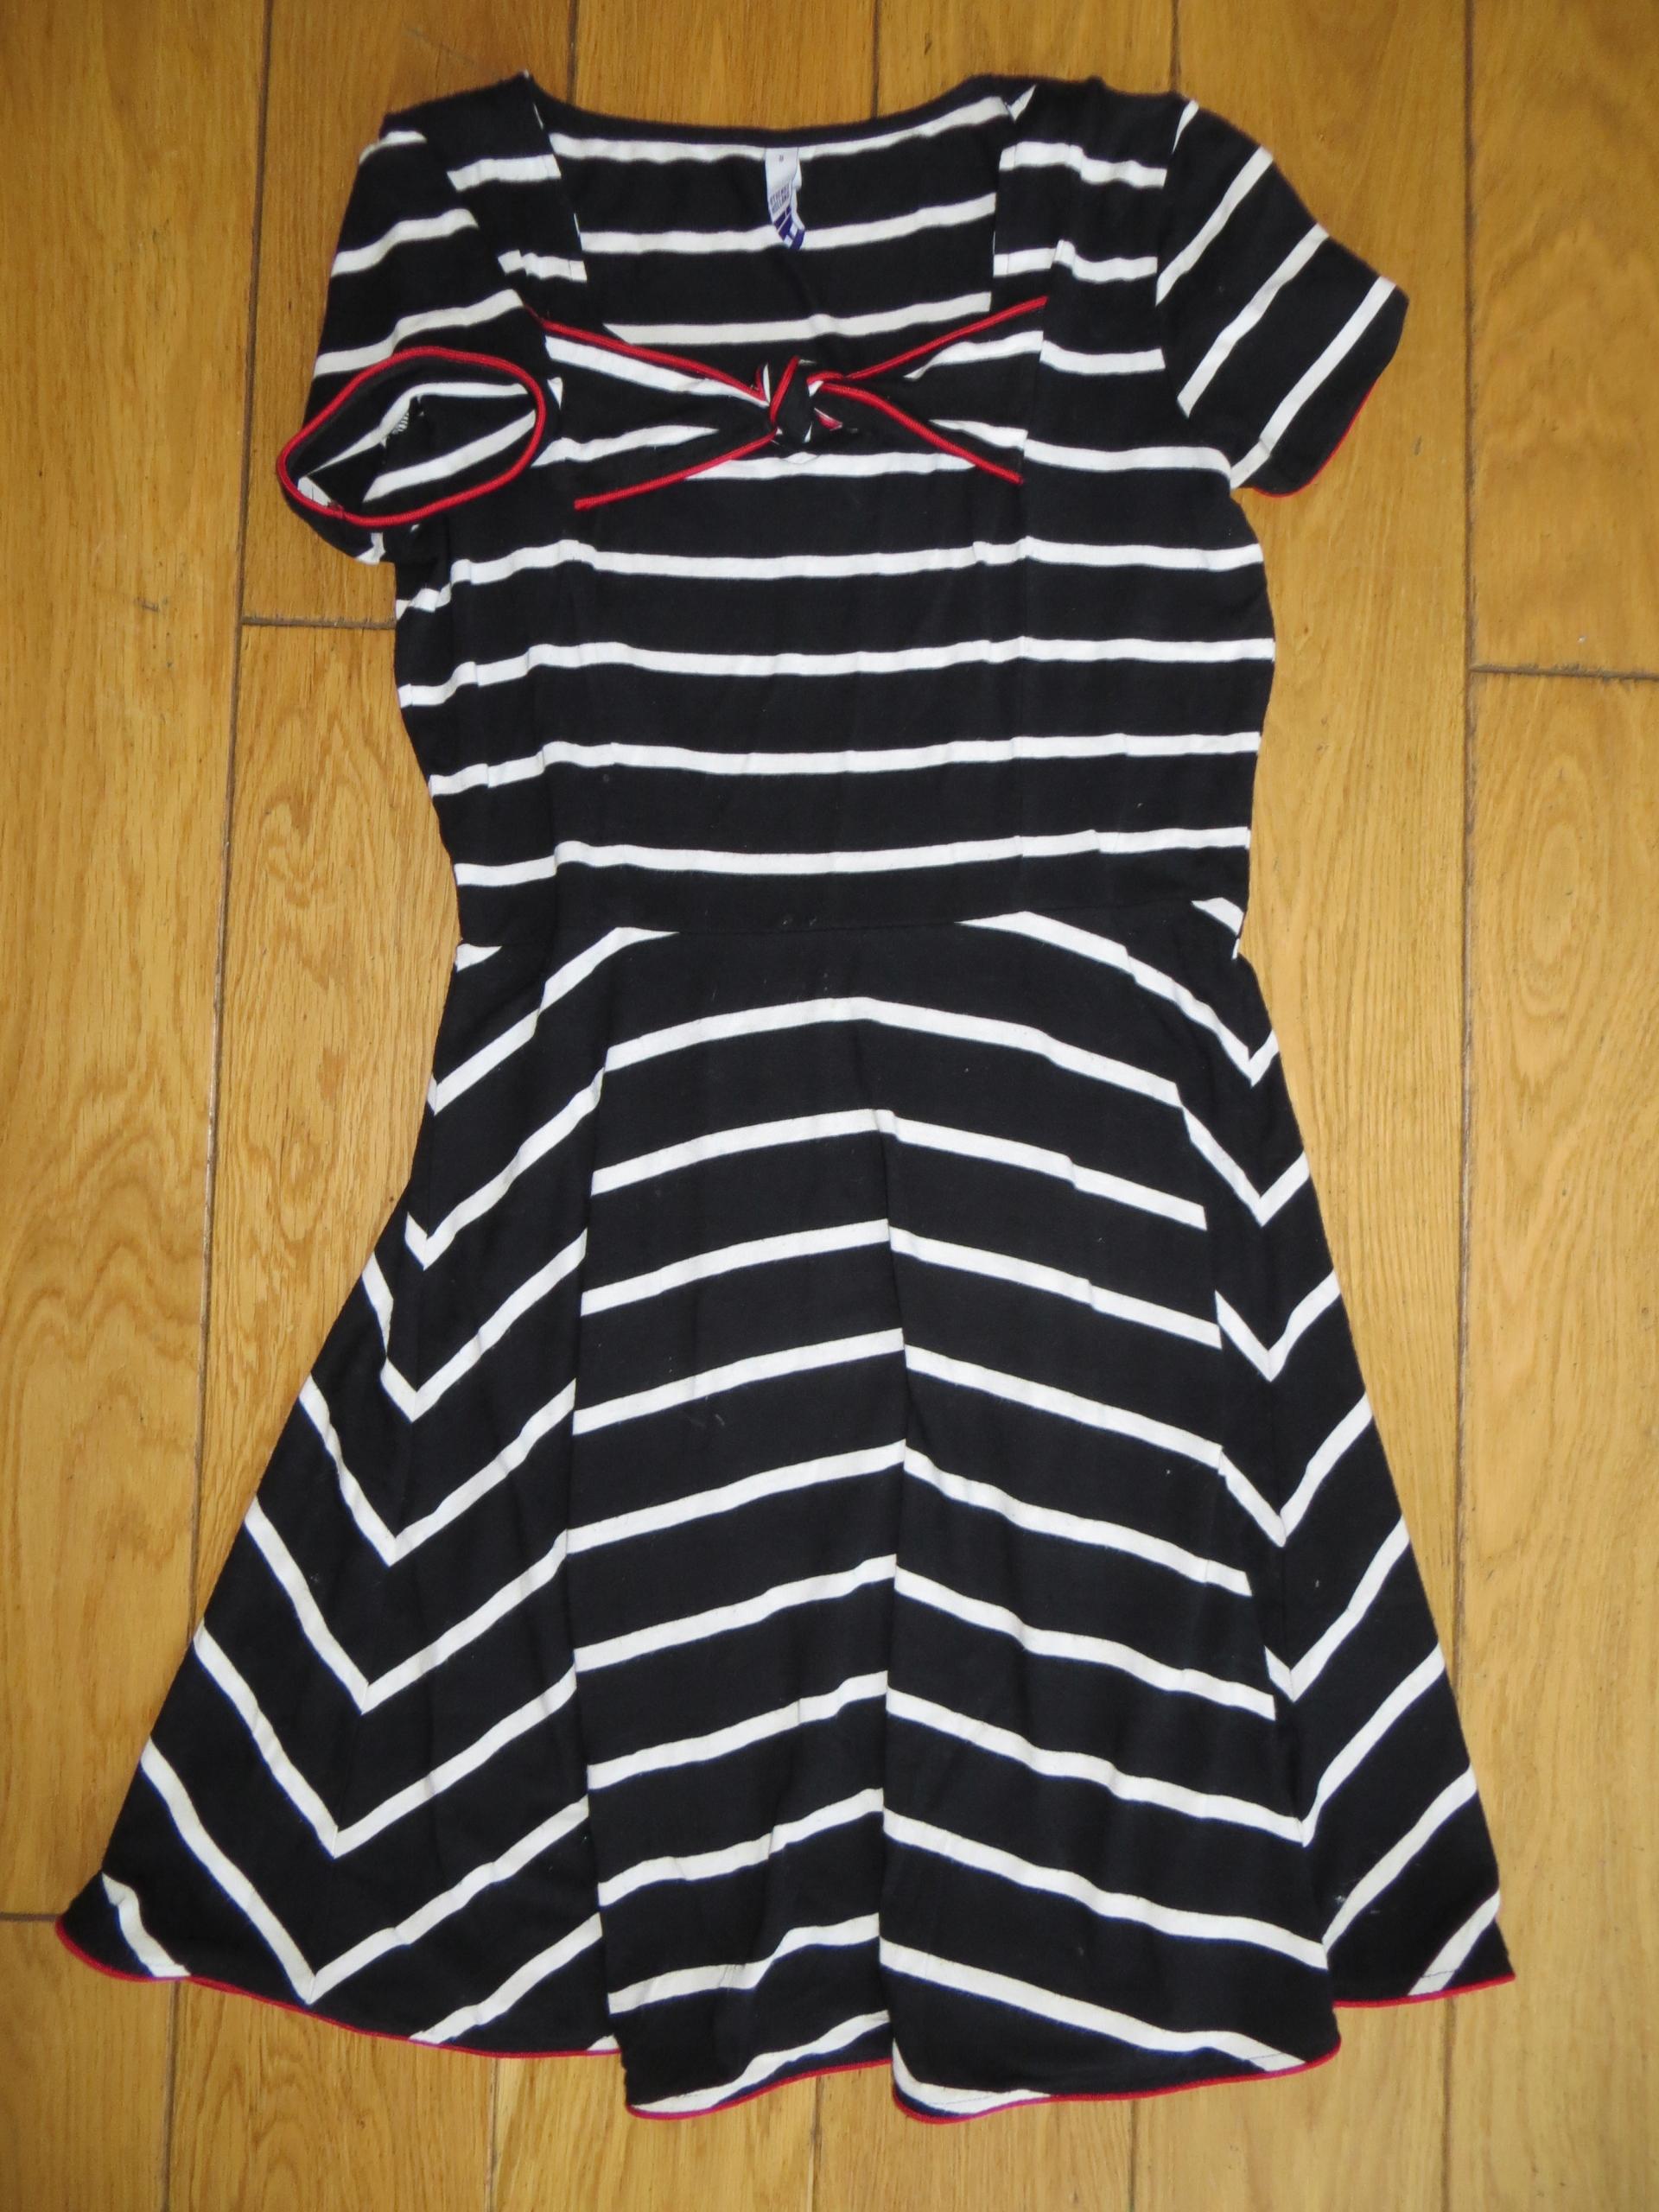 718a586a2 Sukienka damska HENRY HOLLAND rozmiar 36 - 7468197304 - oficjalne ...